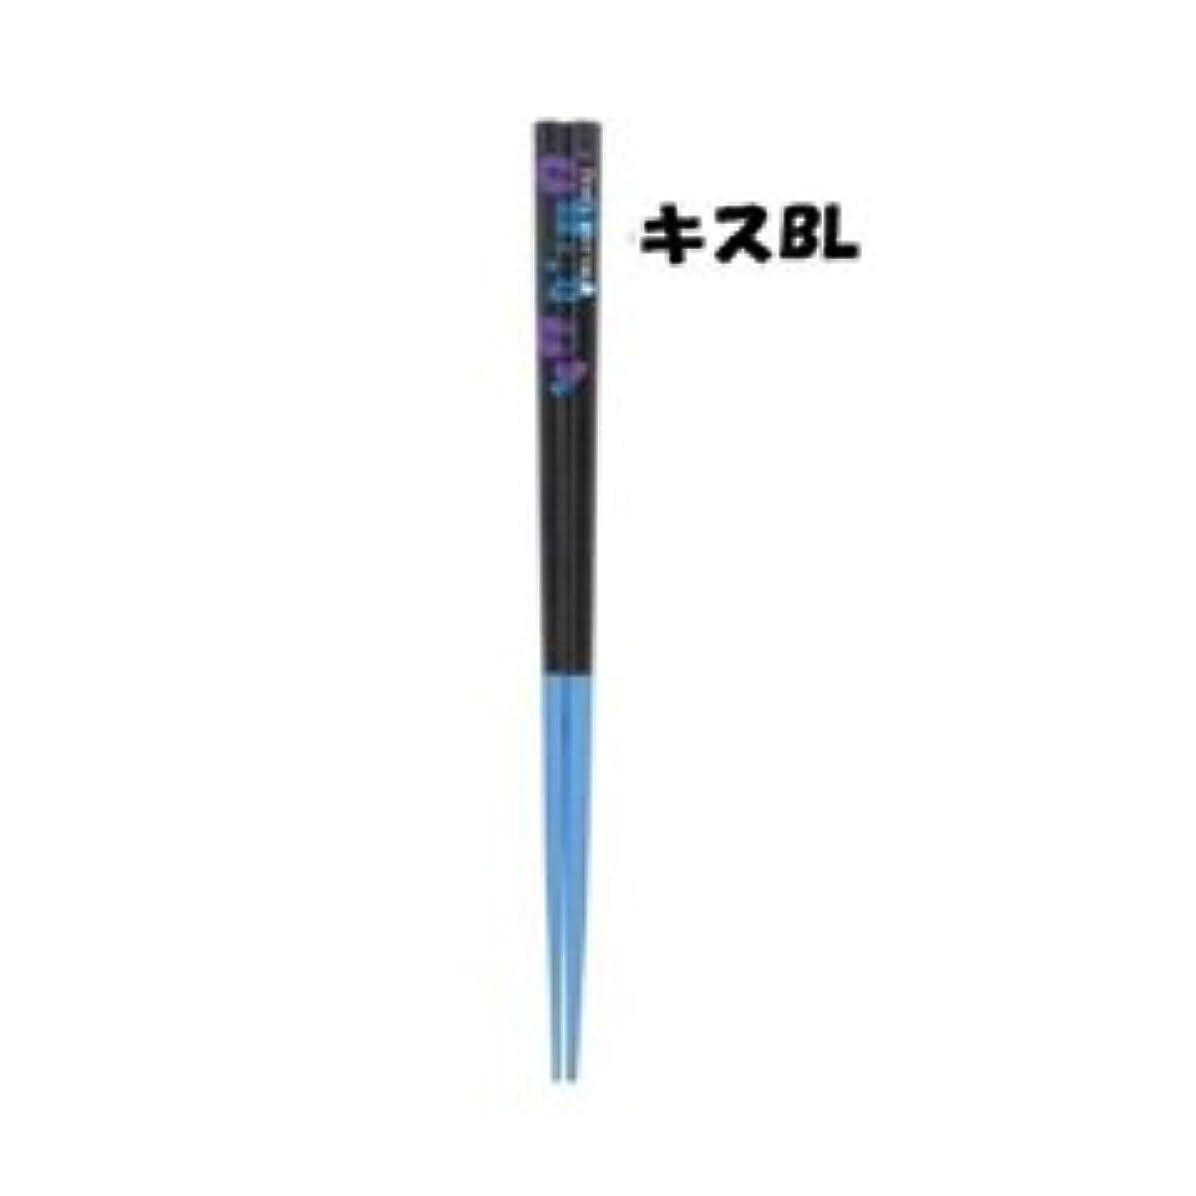 メッシュ有料配分【プライムナカムラ】ダイエット 応援箸 キスブルー